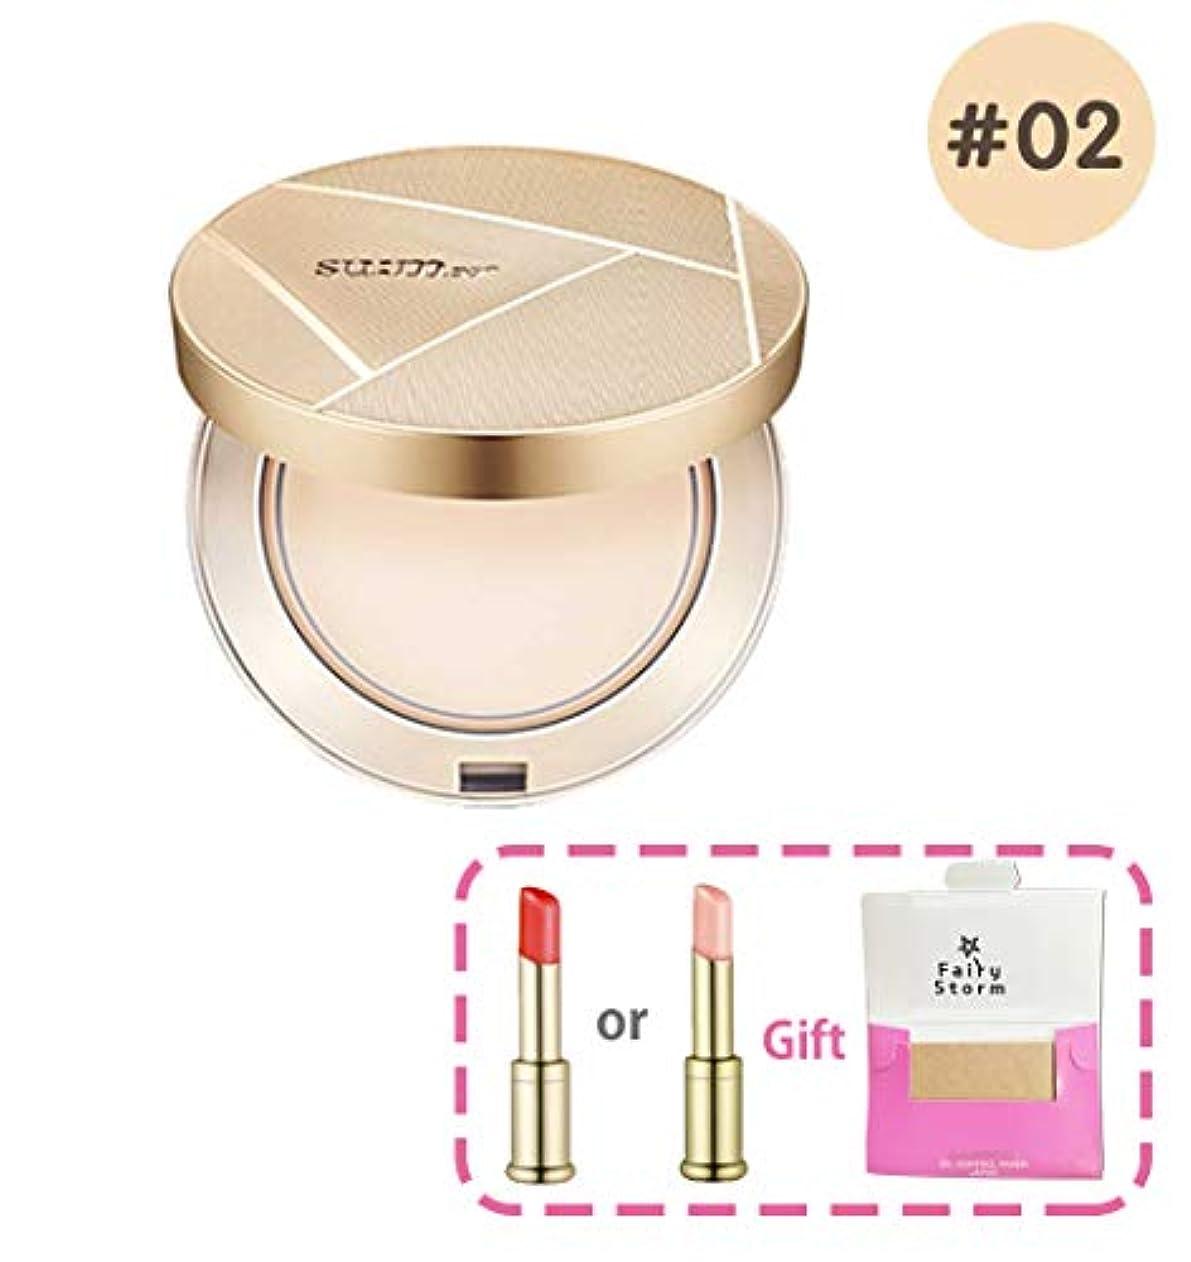 ゴシップ宣言する重要性[su:m37/スム37°] sum37 Air risingTF Radiance Powder Pact SPF30/PA++/エアライジングTFラディアンスパウダーファクト 2号 +[Sample Gift](海外直送品)